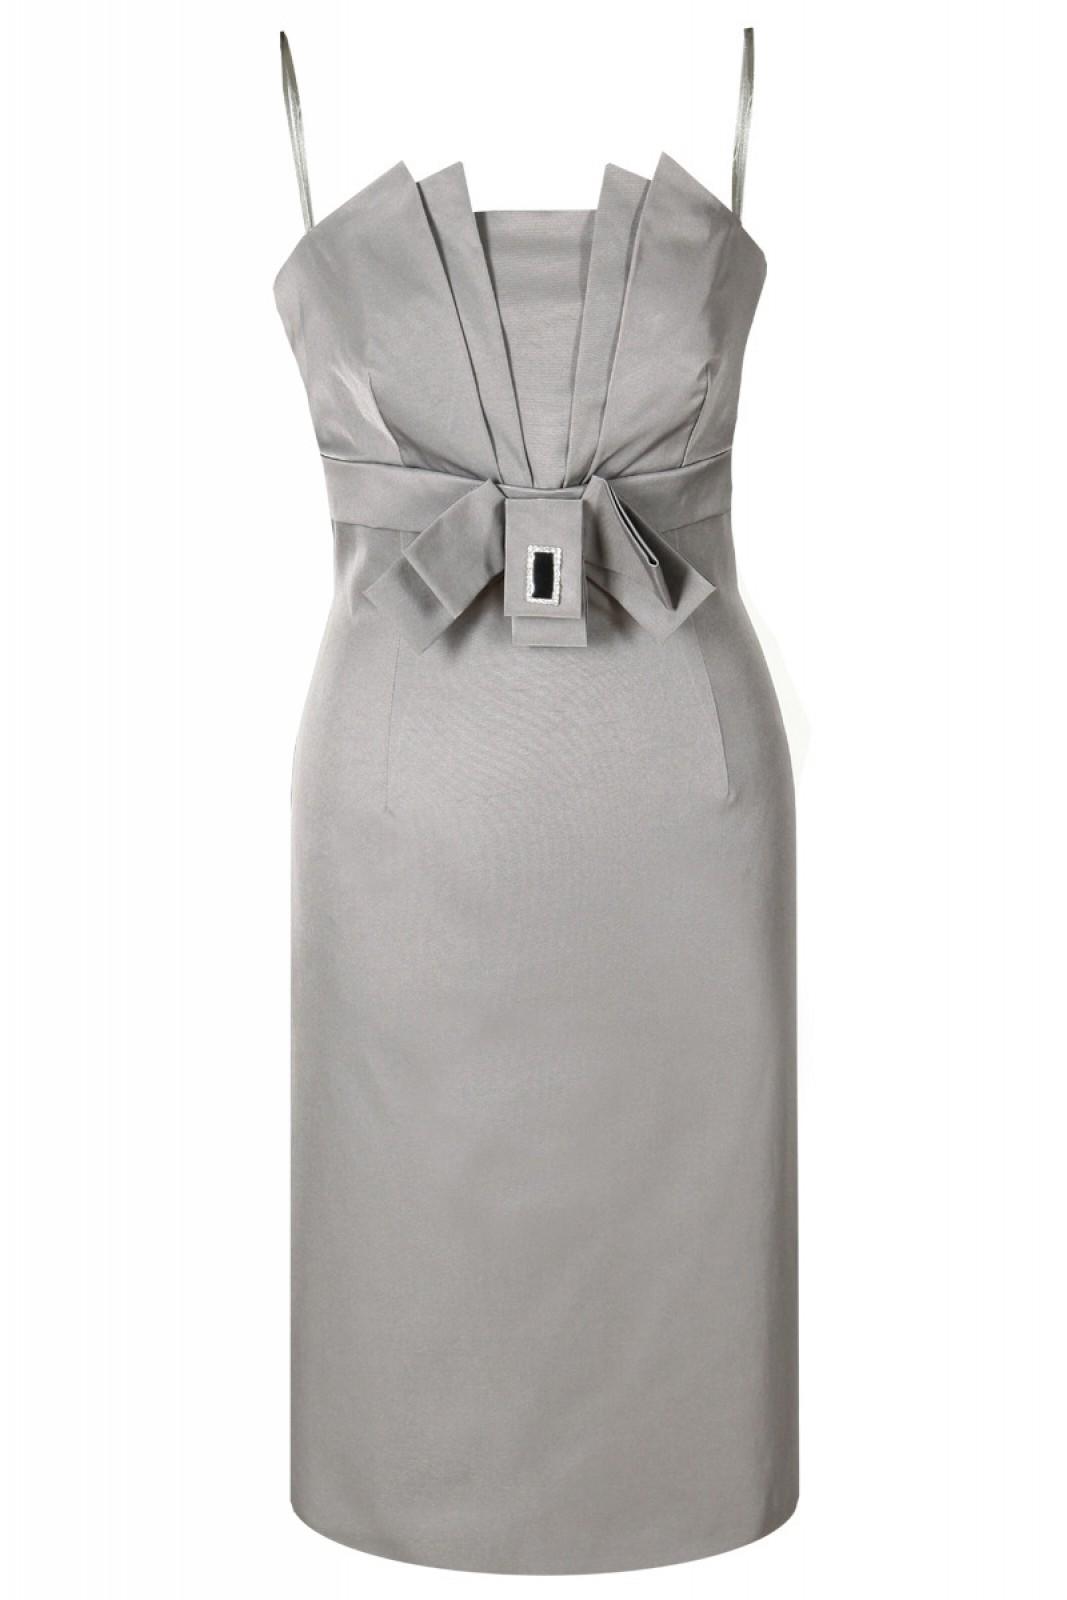 Cocktailkleid aus Satin grau bei kleider-boutique.de - Kleiderboutique